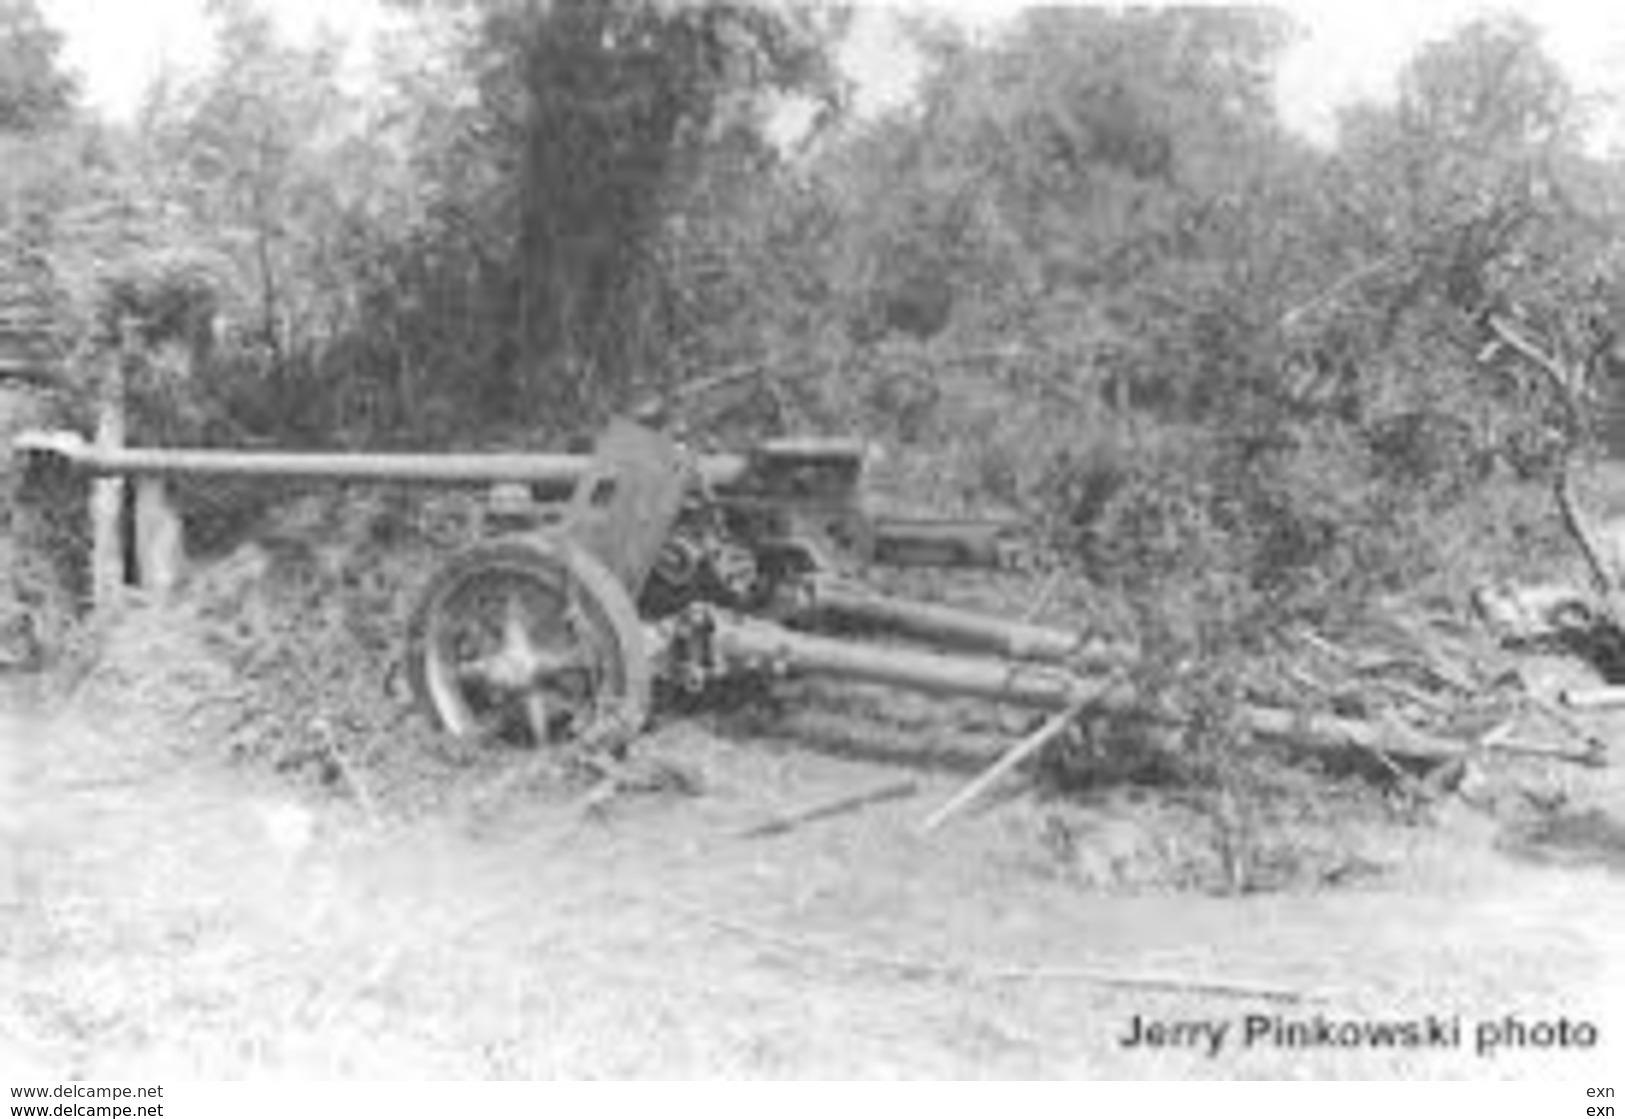 PAK40 PzGr. 39 7,5cm AP - Decorative Weapons